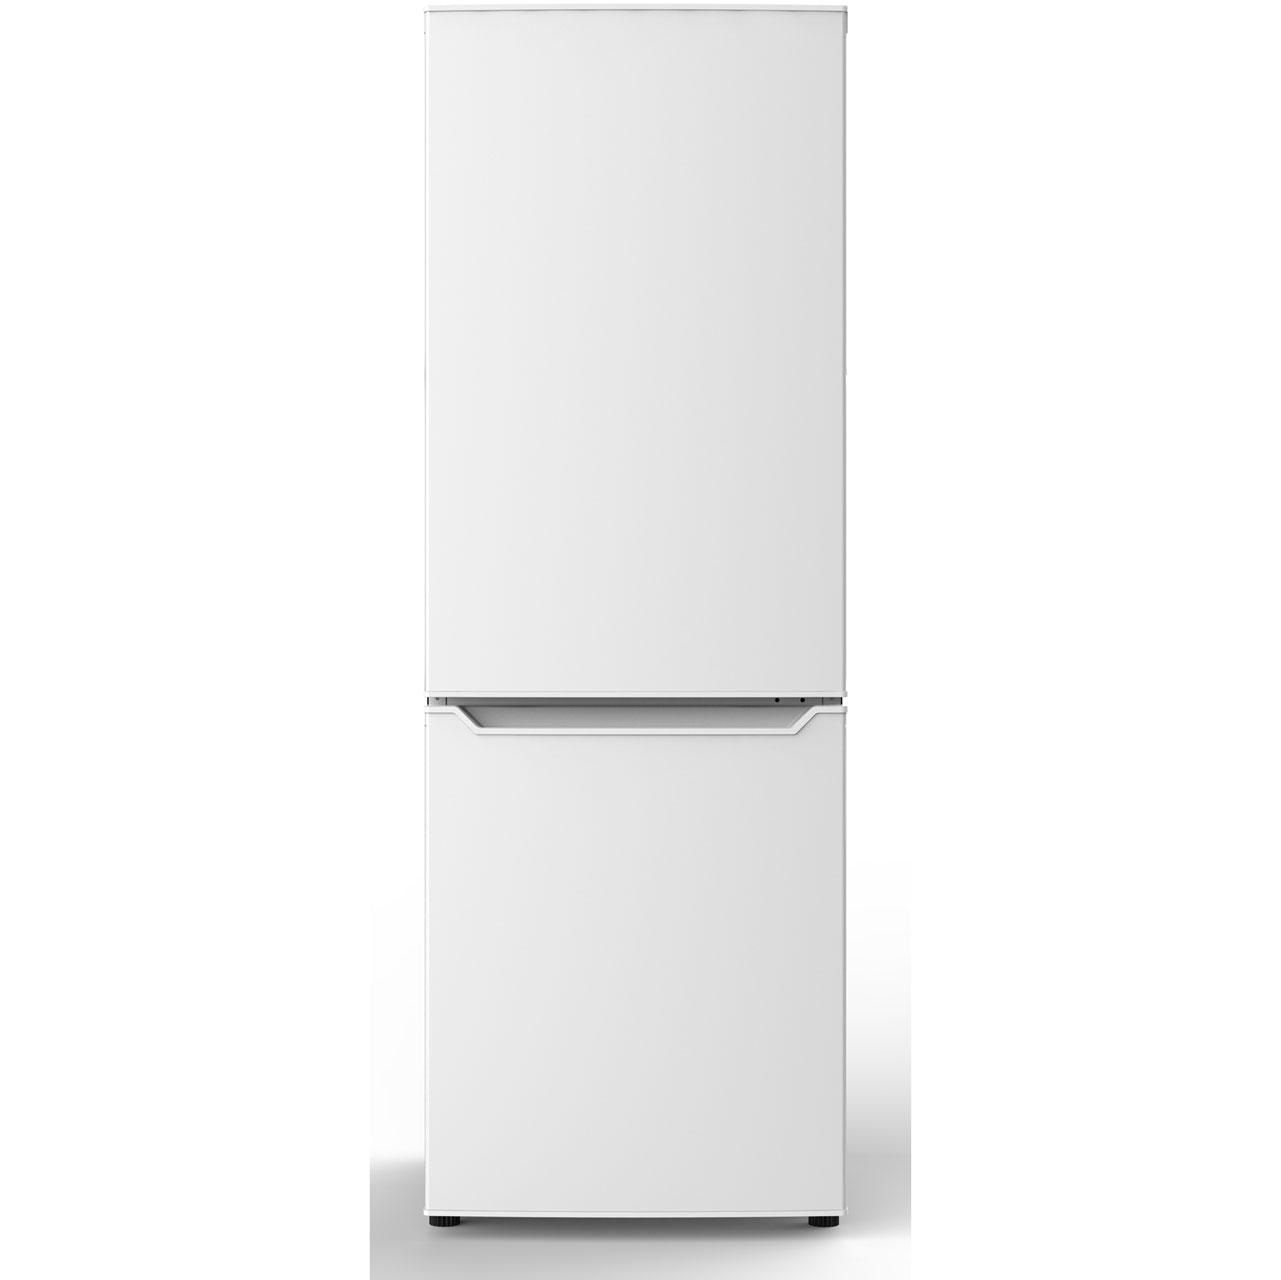 Fridgemaster MC50165 Free Standing Fridge Freezer in White